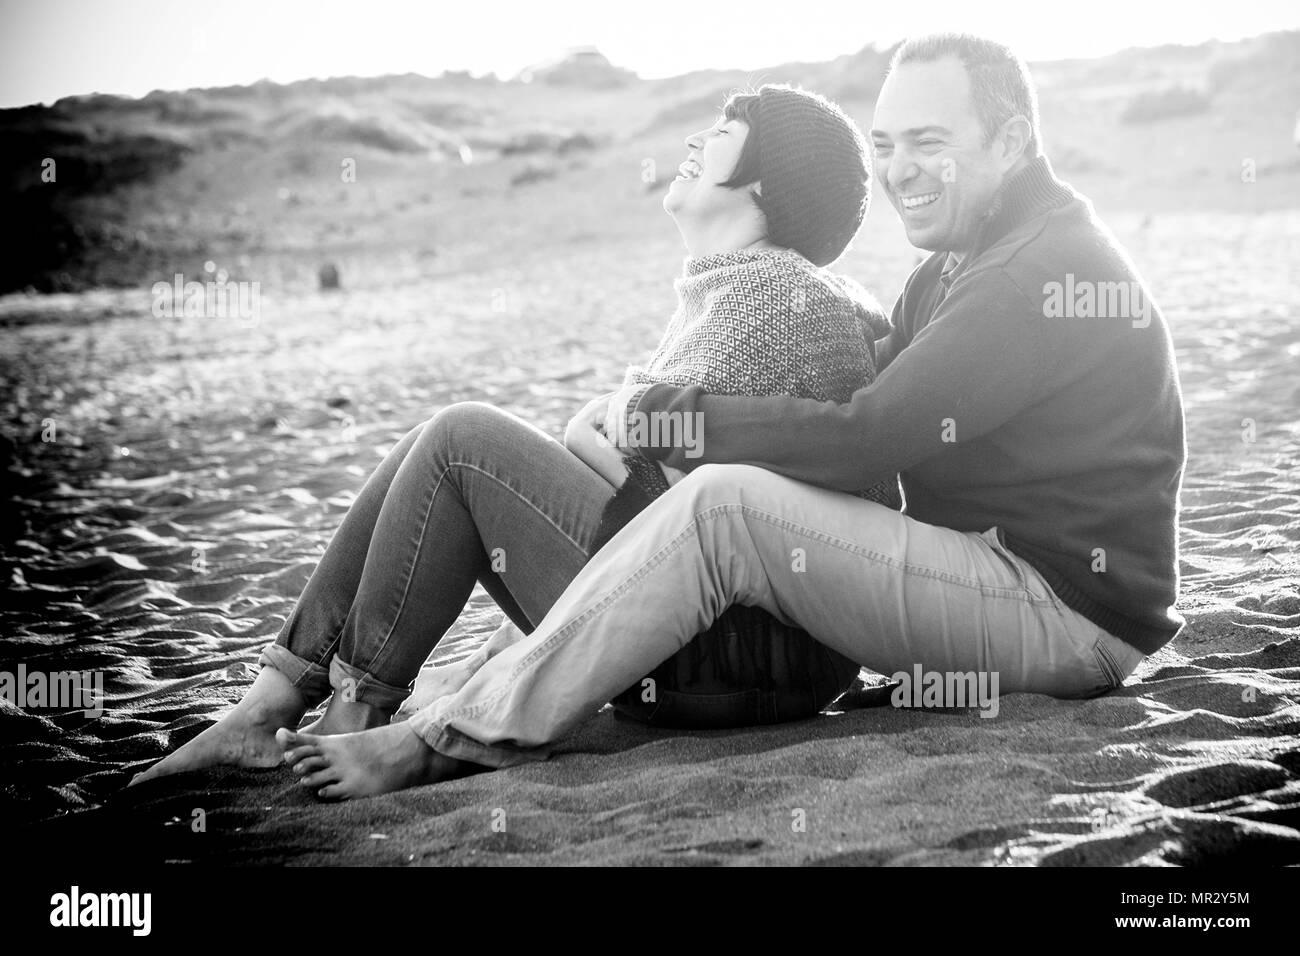 Lindo al hombre y a la mujer de mediana edad a divertirse en el amor a la playa exterior. actividades de ocio y gran sonrisa y reír por la srita. El hombre abrazarla. ro Imagen De Stock